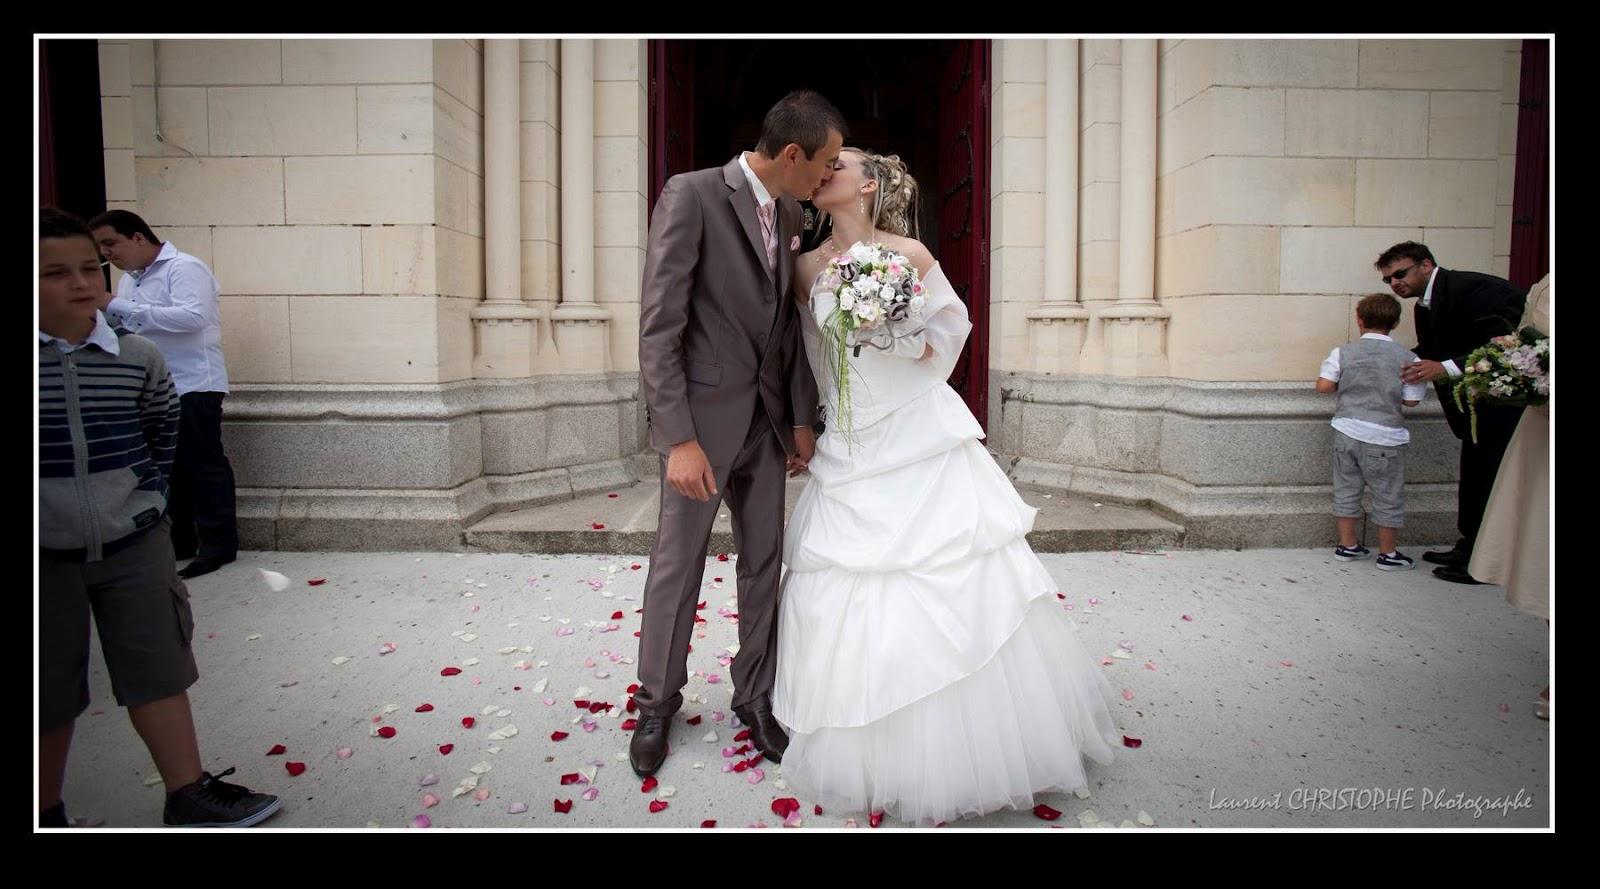 laurent christophe photographe mariage de jennifer et thierry sabl sur sarthe. Black Bedroom Furniture Sets. Home Design Ideas